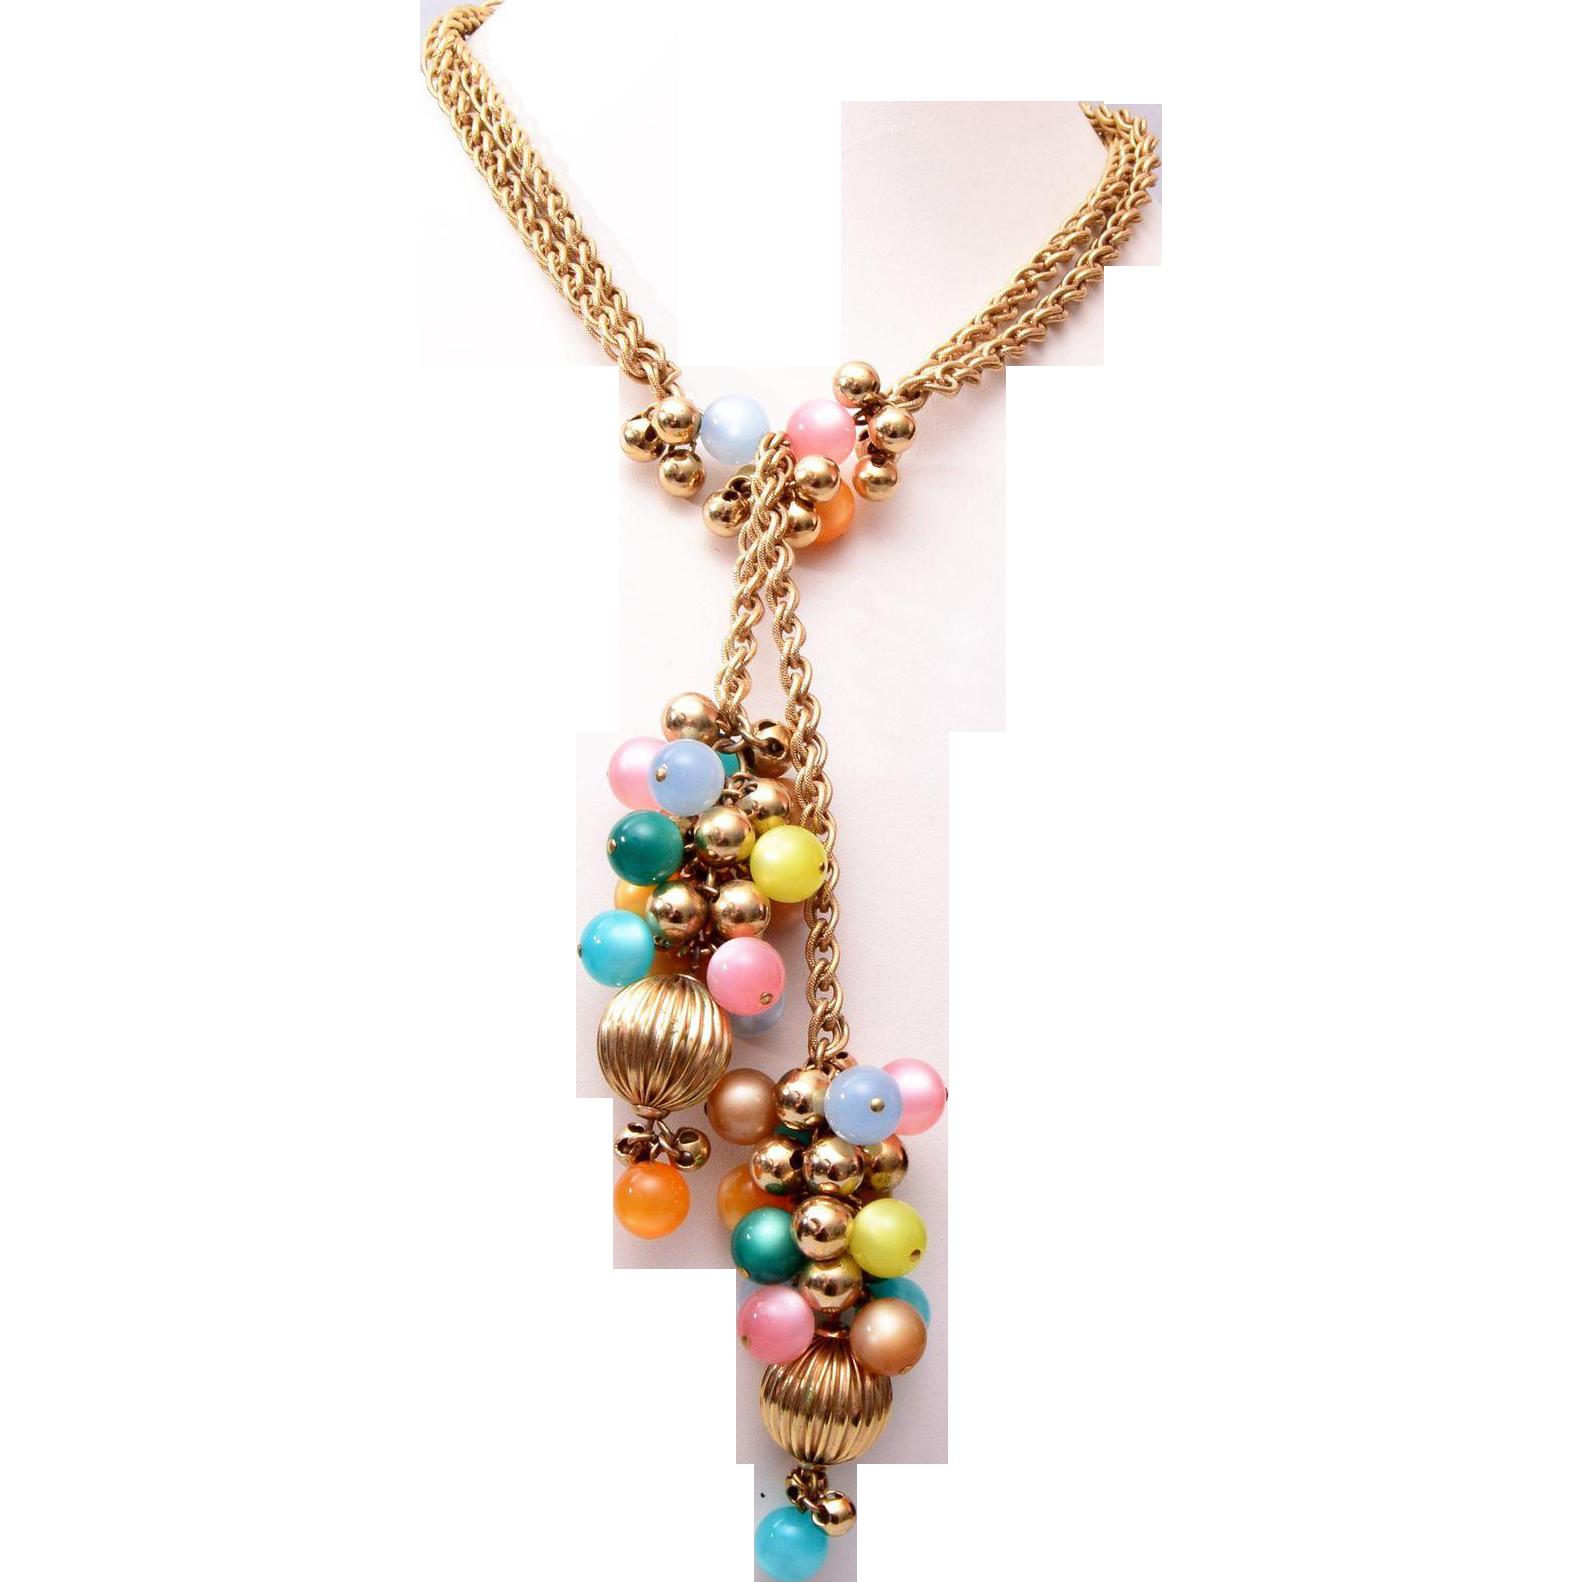 Napier Lucite Pastel Lariat Style Necklace